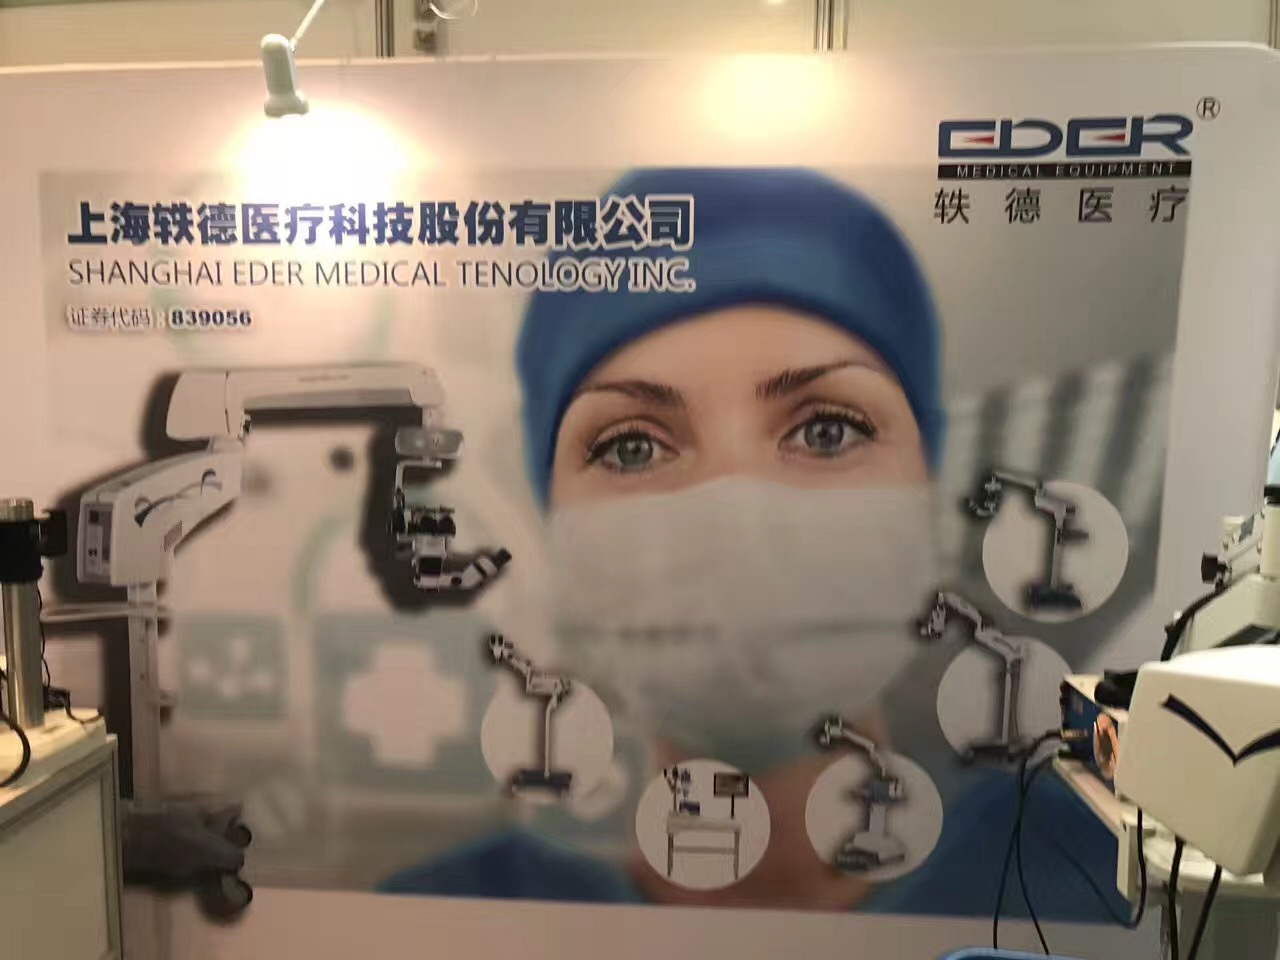 上海医疗科技股份有限公司